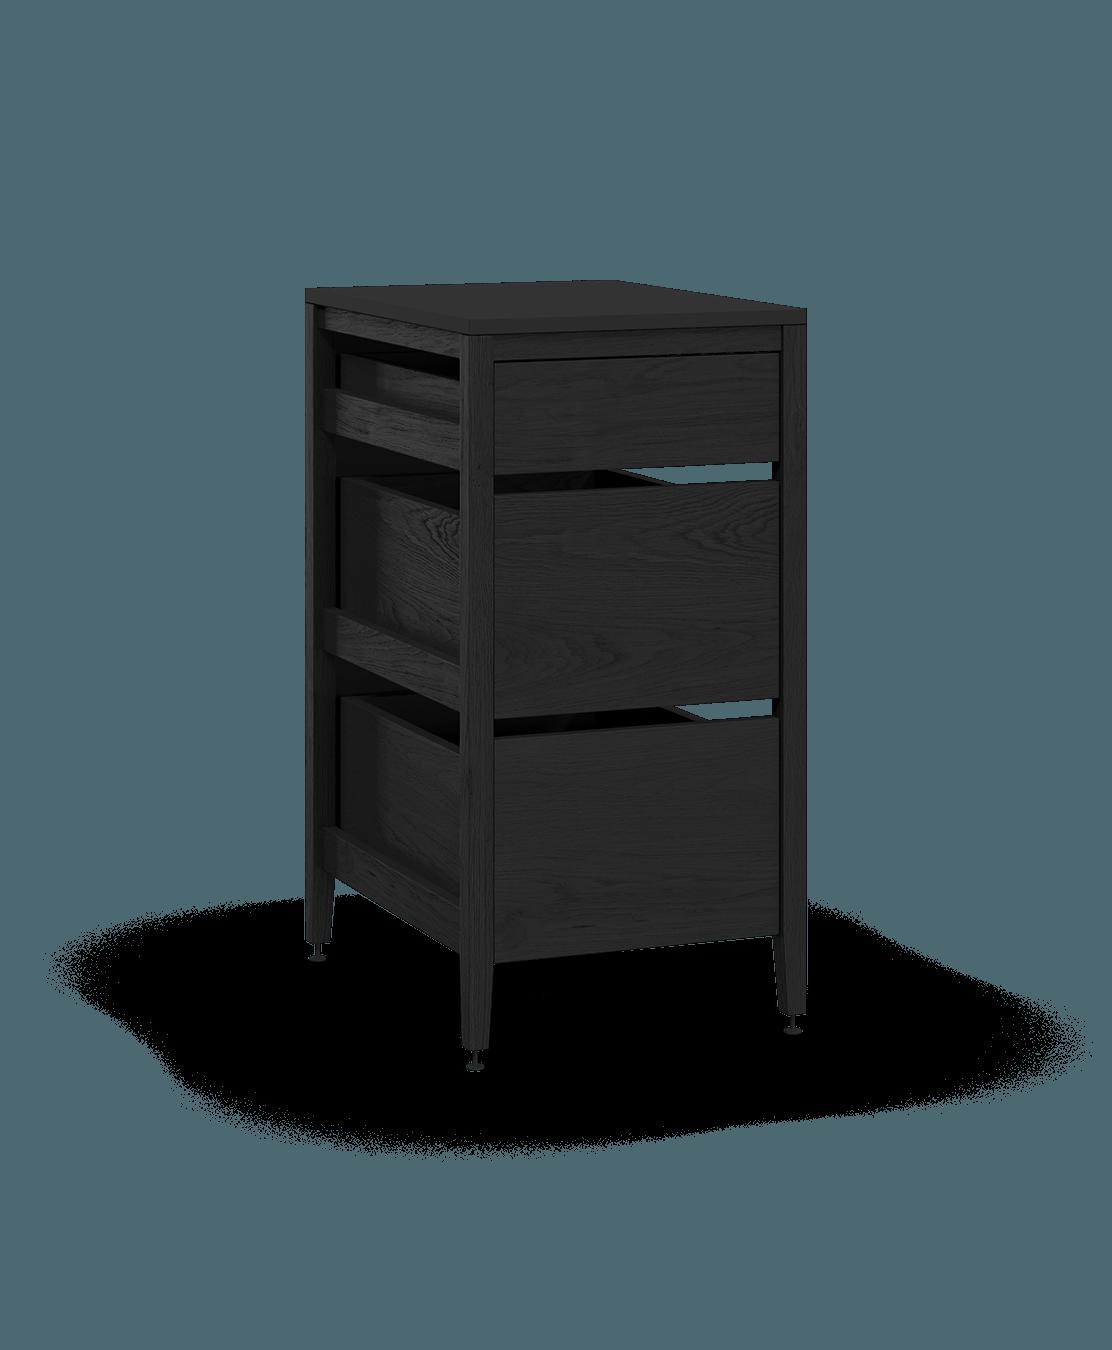 armoire de cuisine modulaire inférieure en bois massif coquo radix avec 3 tiroirs chêne teint noir nuit profonde 18 pouces C1-C-18TB-3002-BK